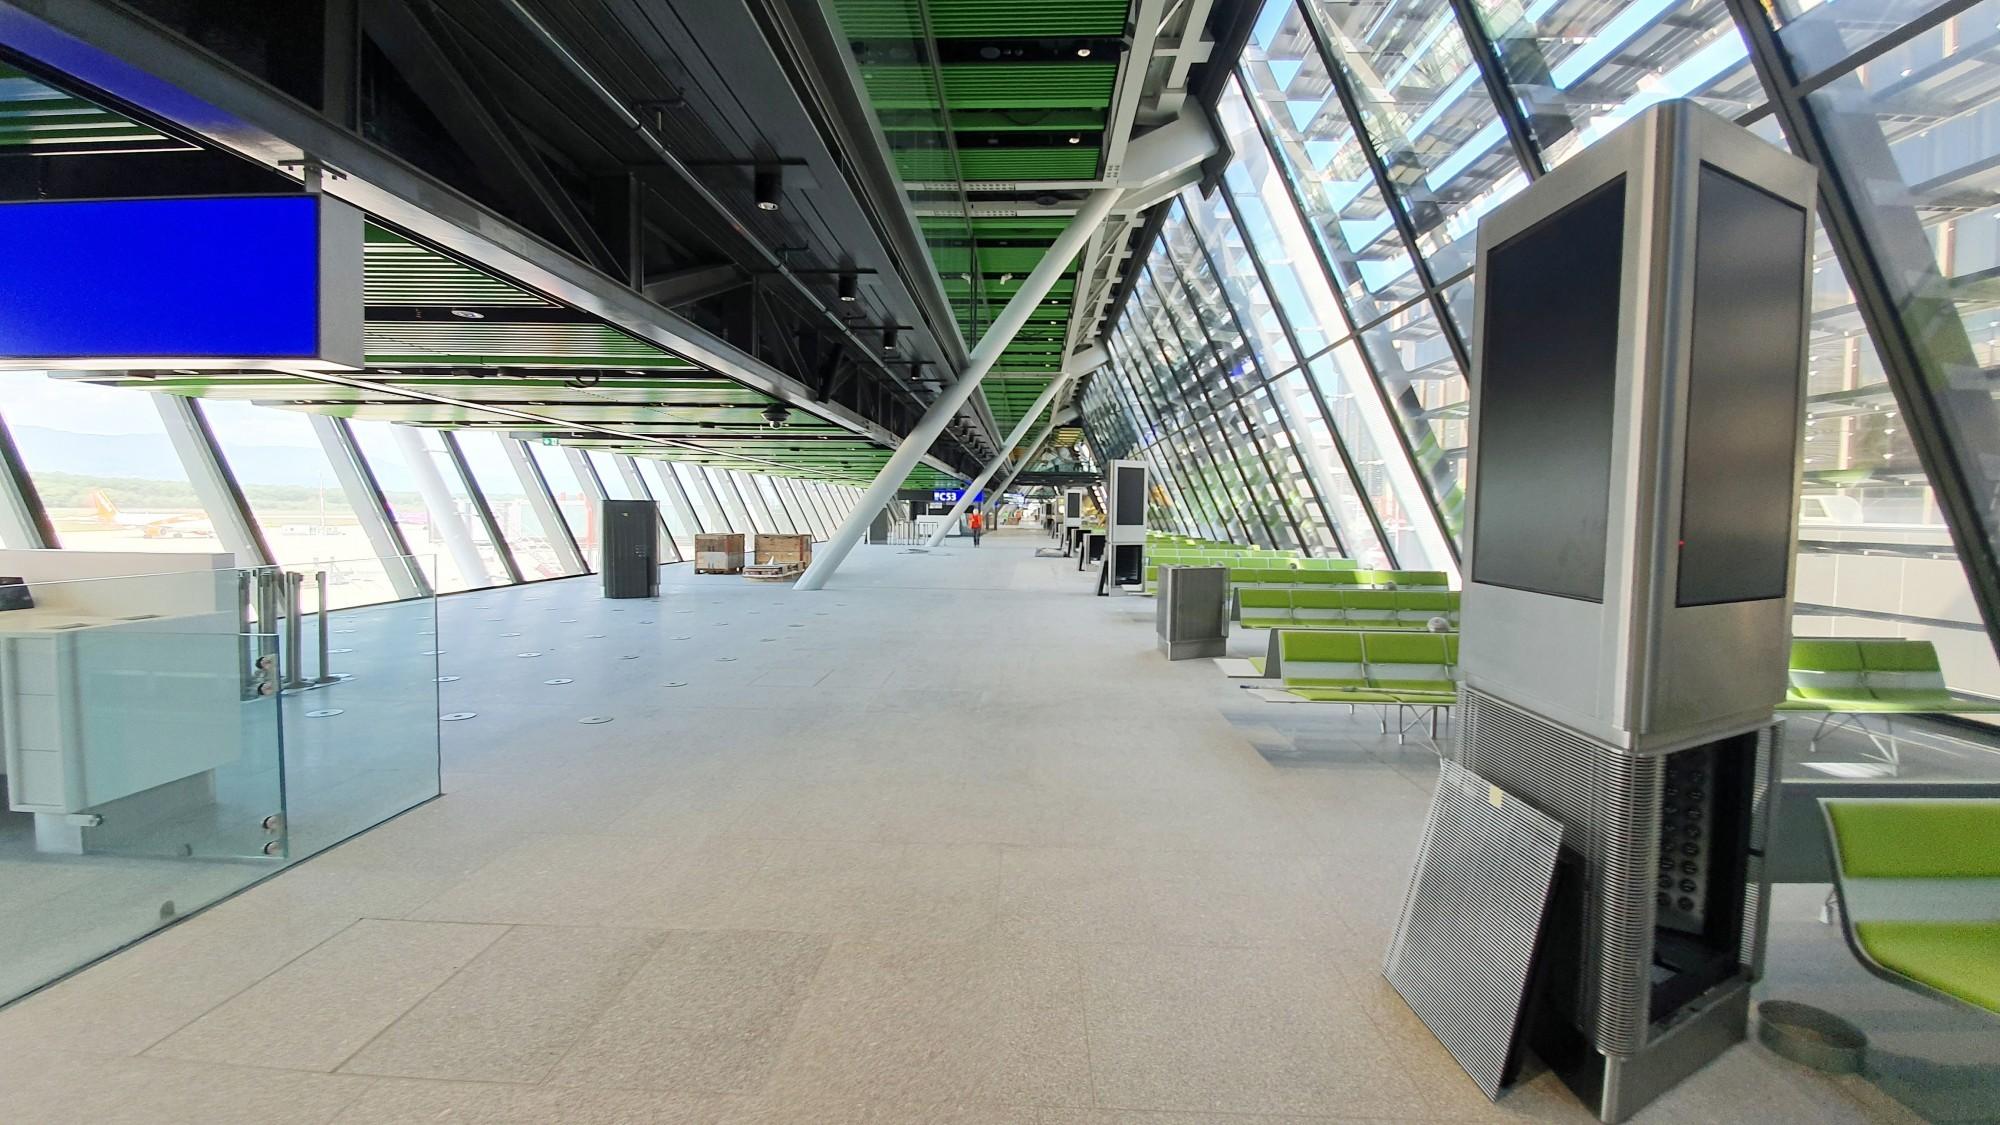 Avec ses 520 m de long, son exosquelette métallique et ses façades entièrement vitrées, l'Aile Est - nouveau terminal gros porteurs de l'aéroport de Genève- est un véritable bijou architectural, design et fonctionnel.